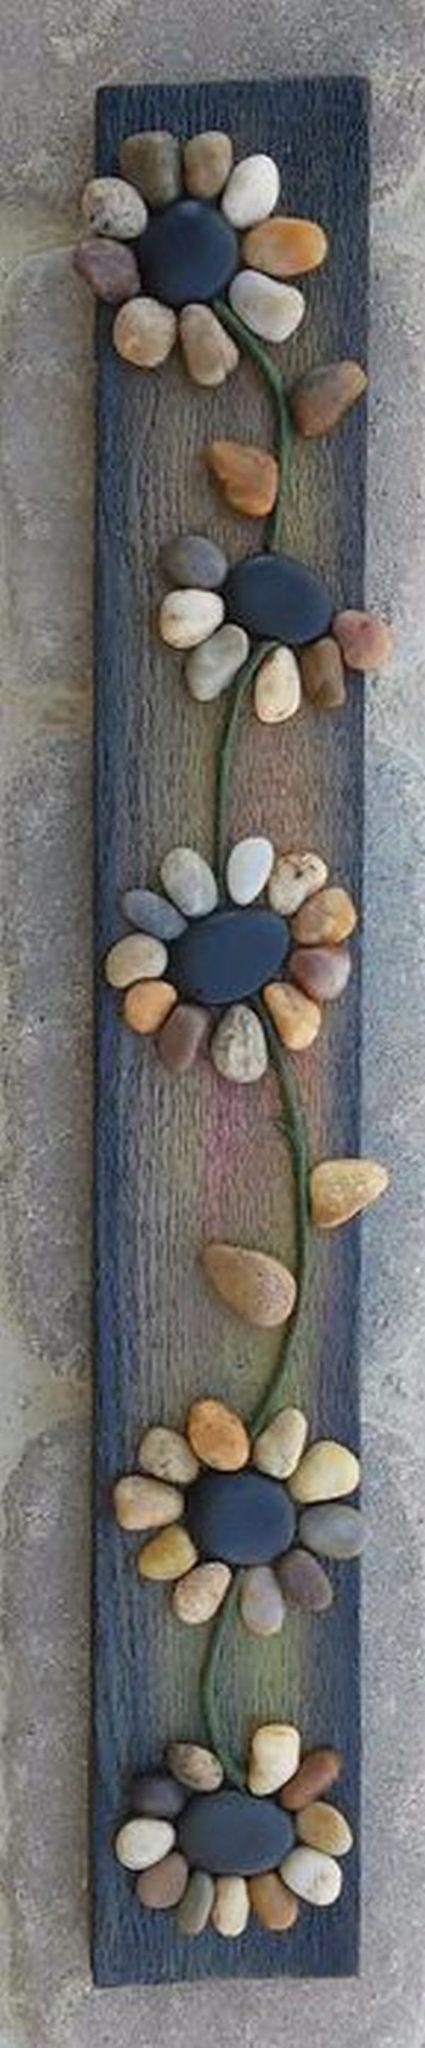 Decorative stones art8